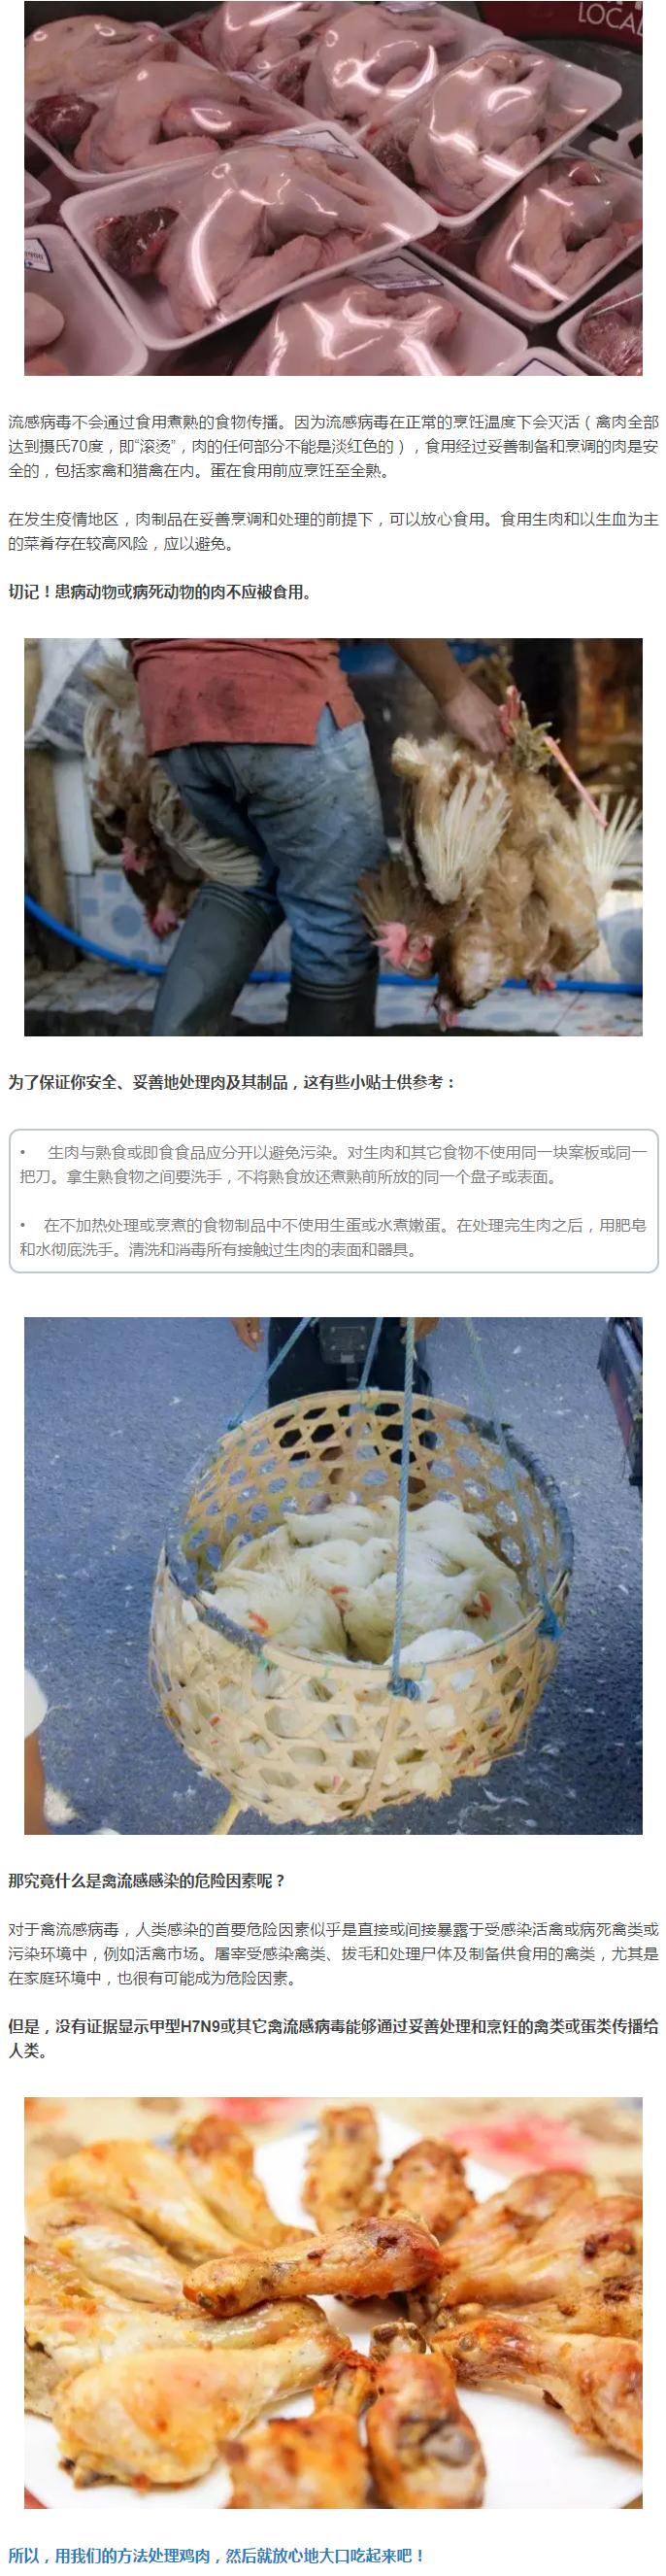 吃鸡肉会得禽流感吗?会不会感染H7N9?